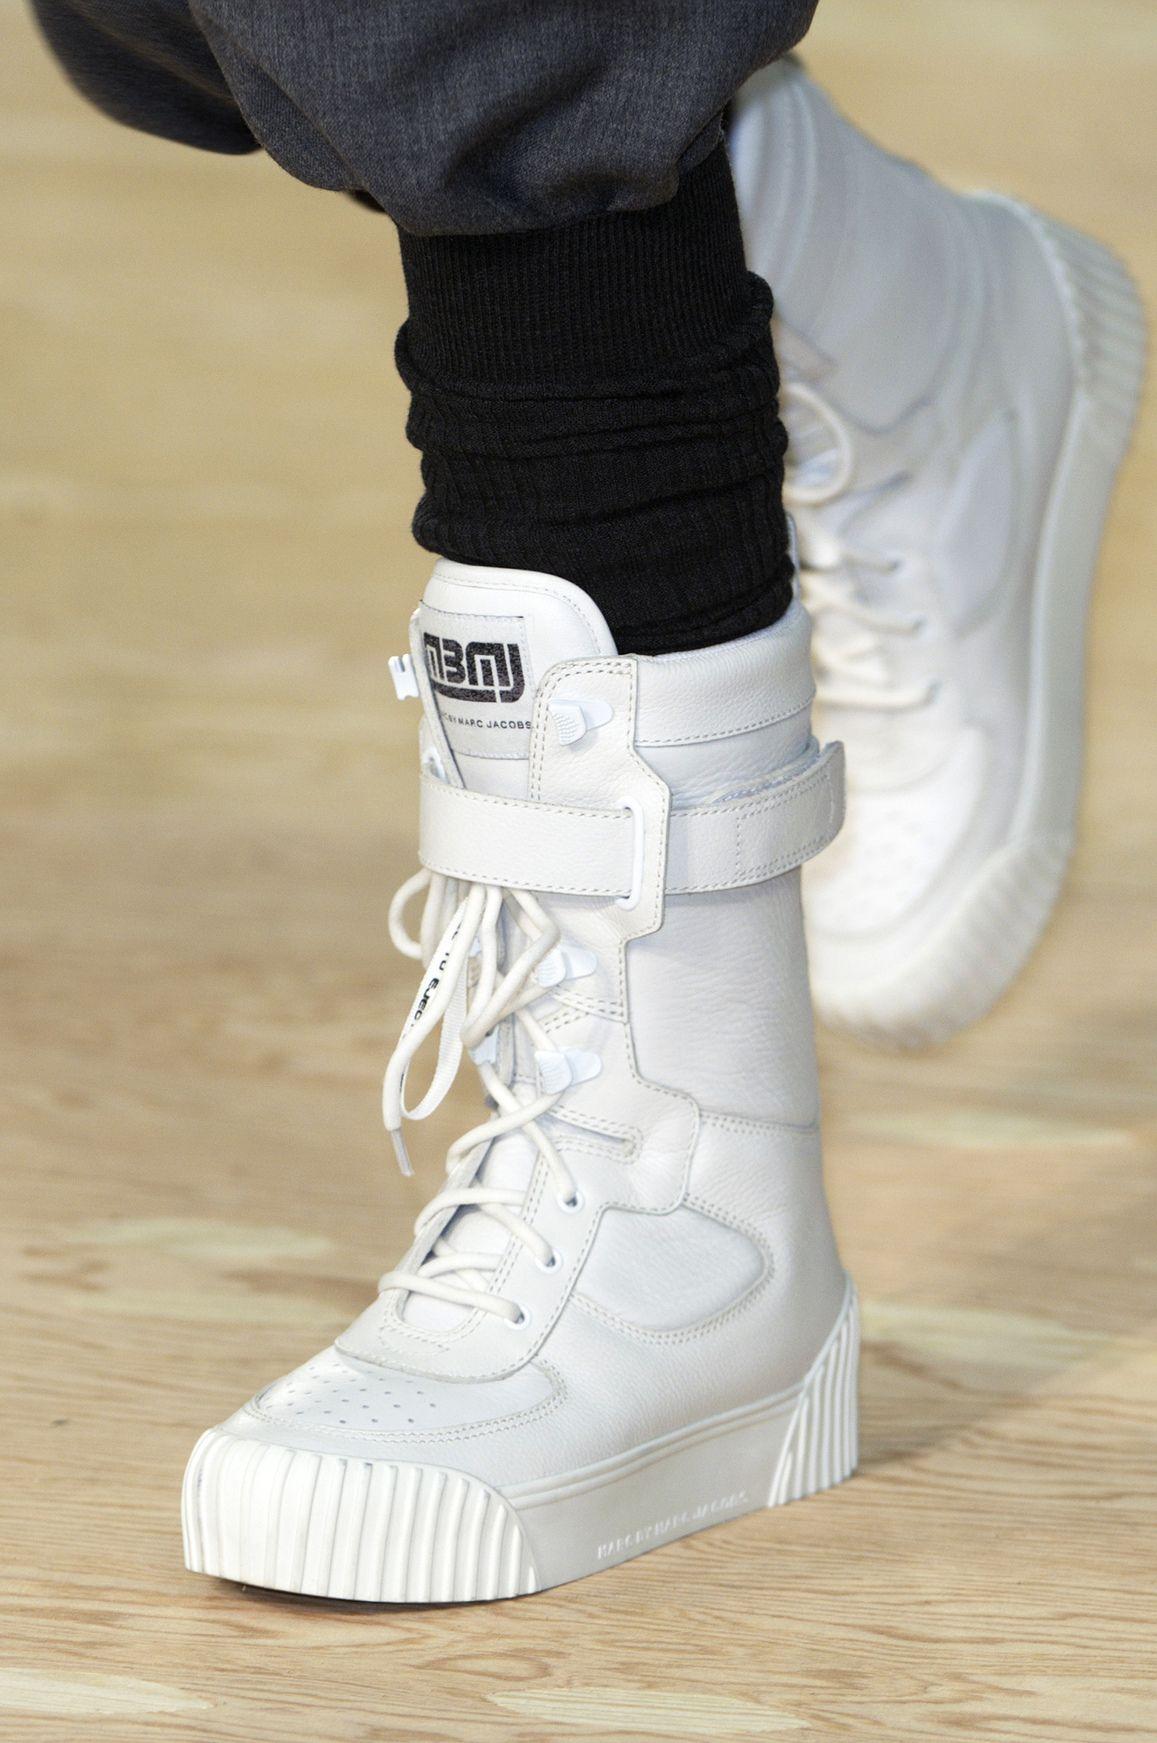 Modne Buty Jesien Zima 2014 2015 Marc By Marc Jacobs Fot Imaxtree Trending Fashion Shoes Sneakers Men Fashion Sneakers Fashion